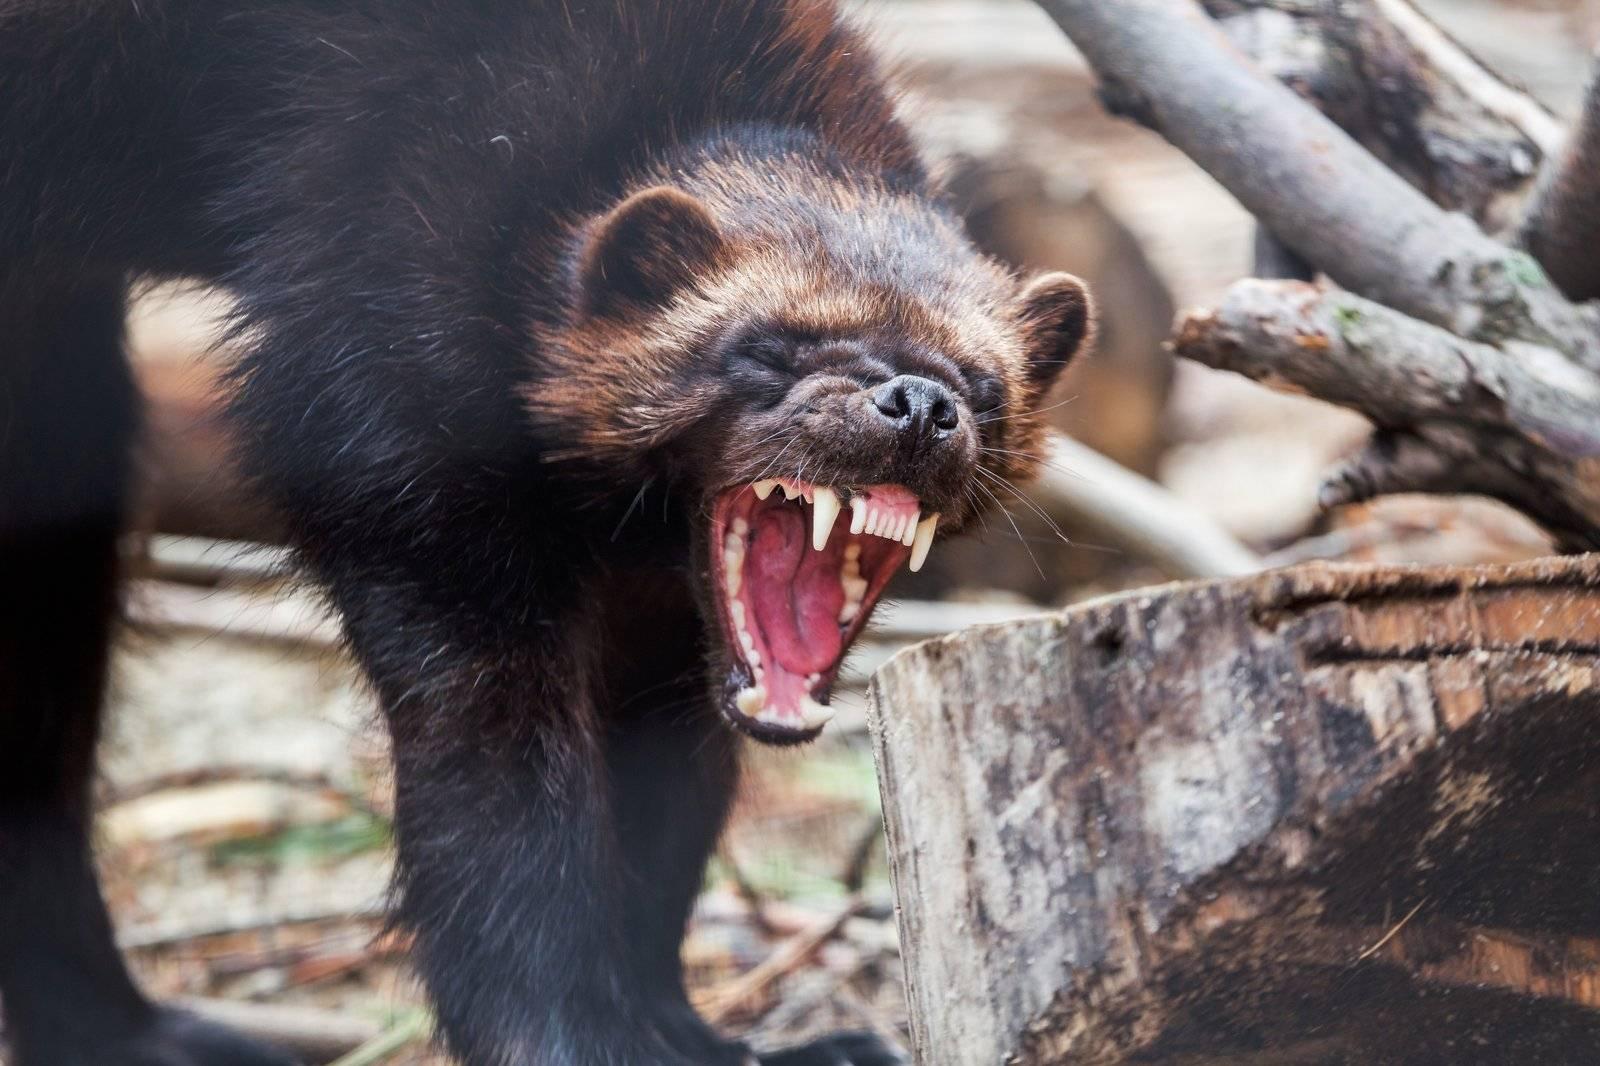 Росомаха: описание животного, среда обитания, чем питается